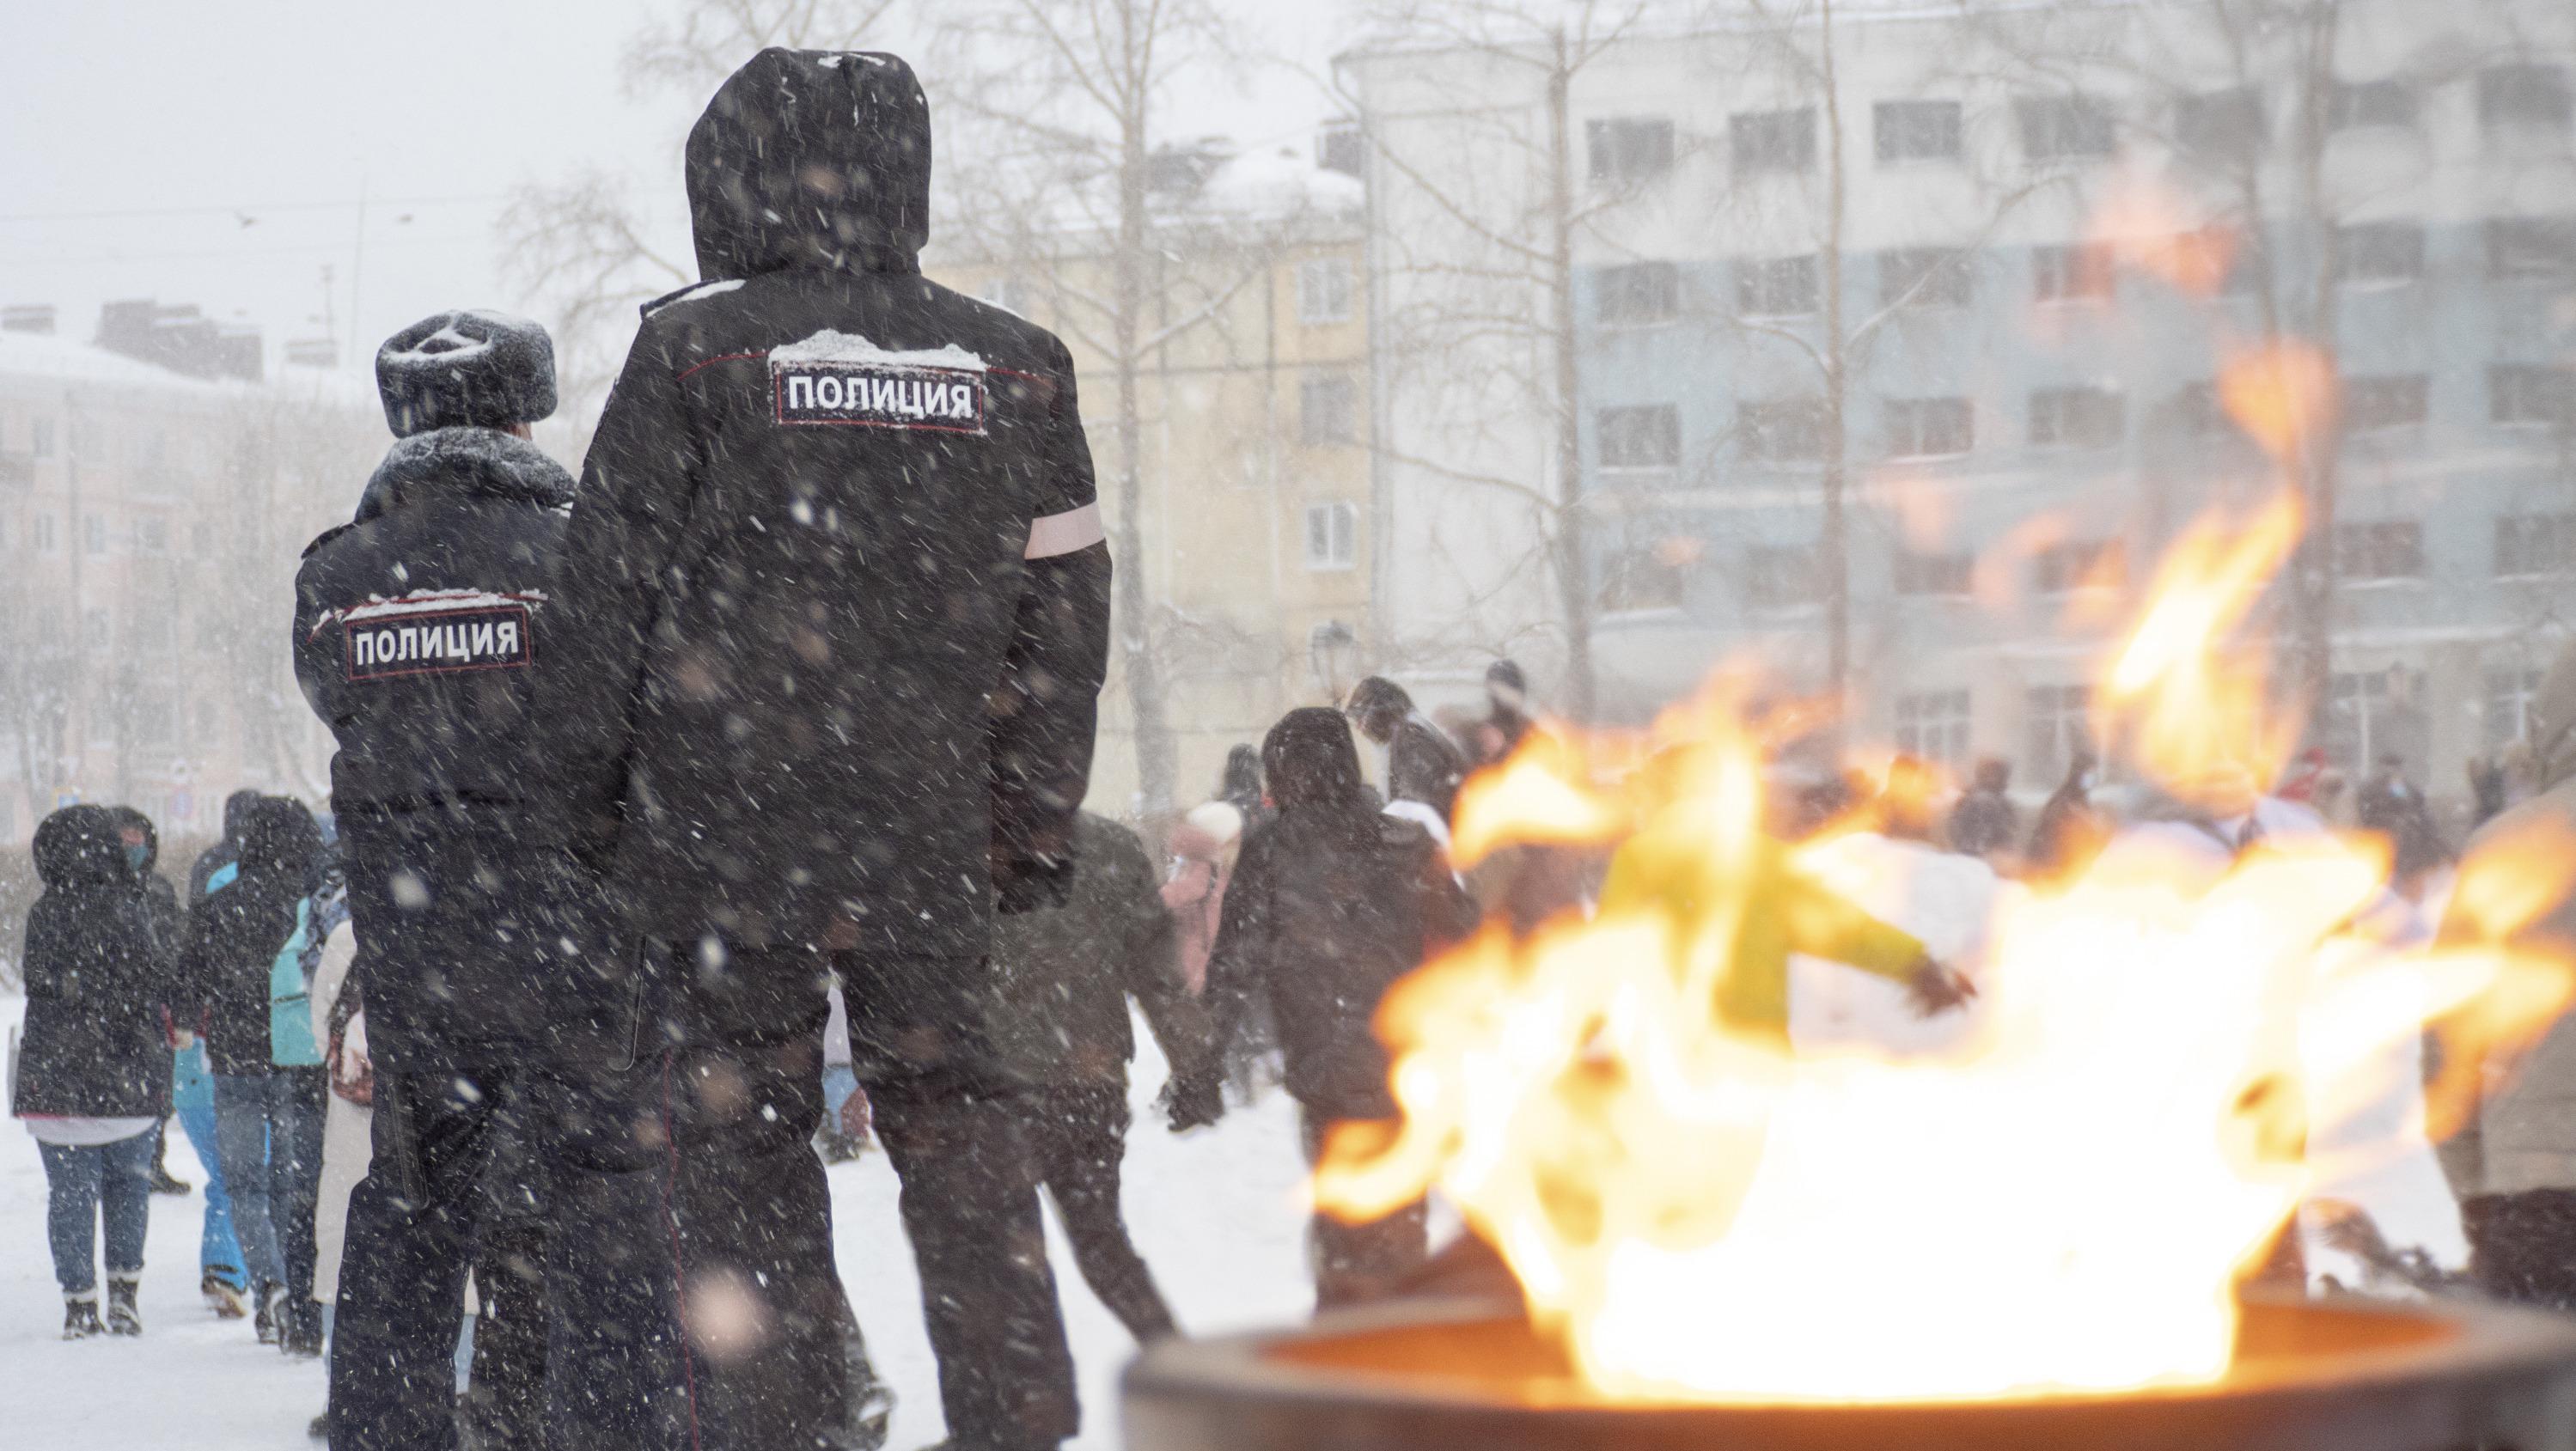 Собравшиеся изредка скандировали имя Навального